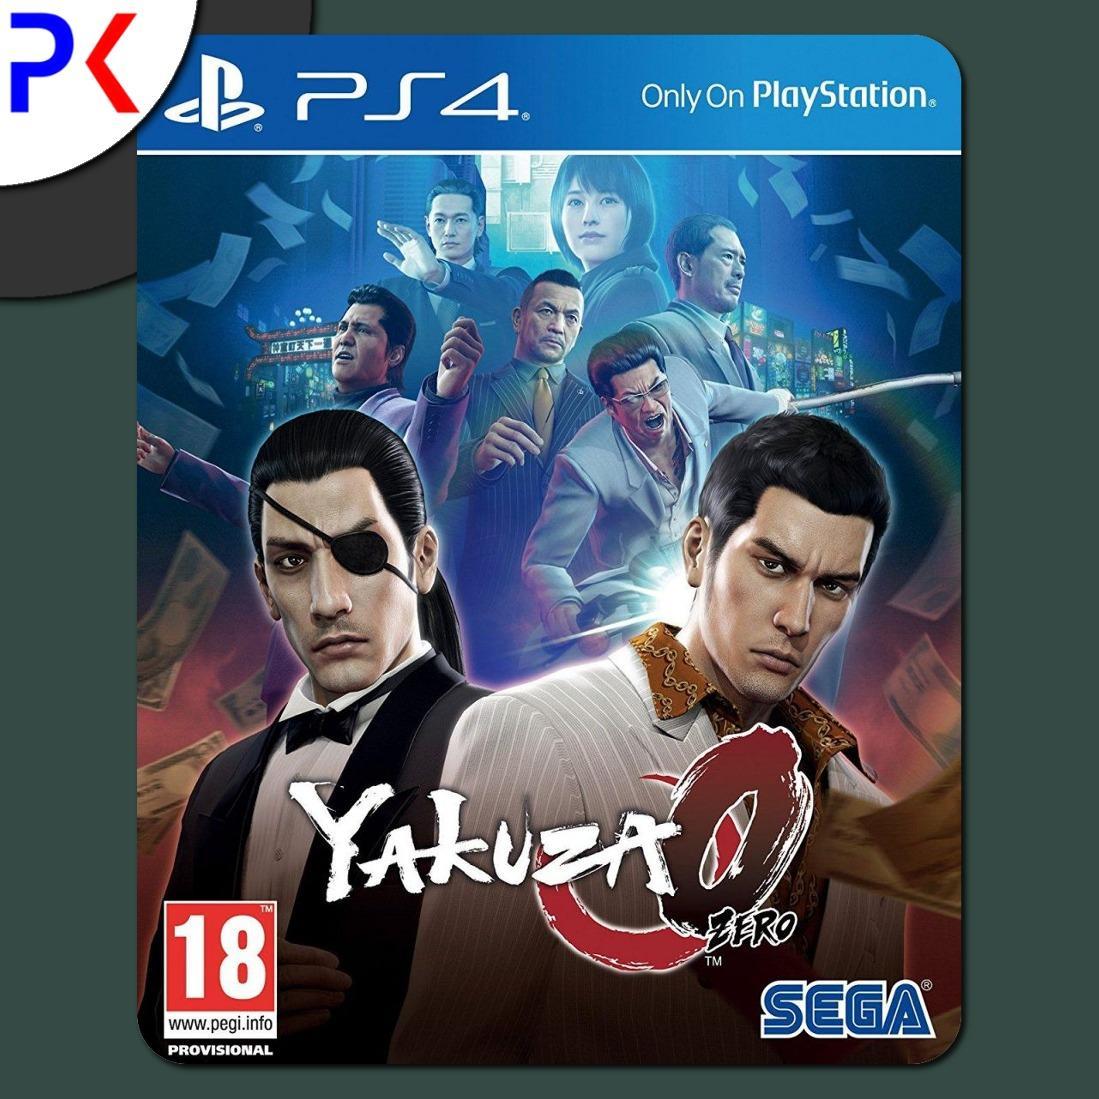 Cheap Ps4 Yakuza R1 Online